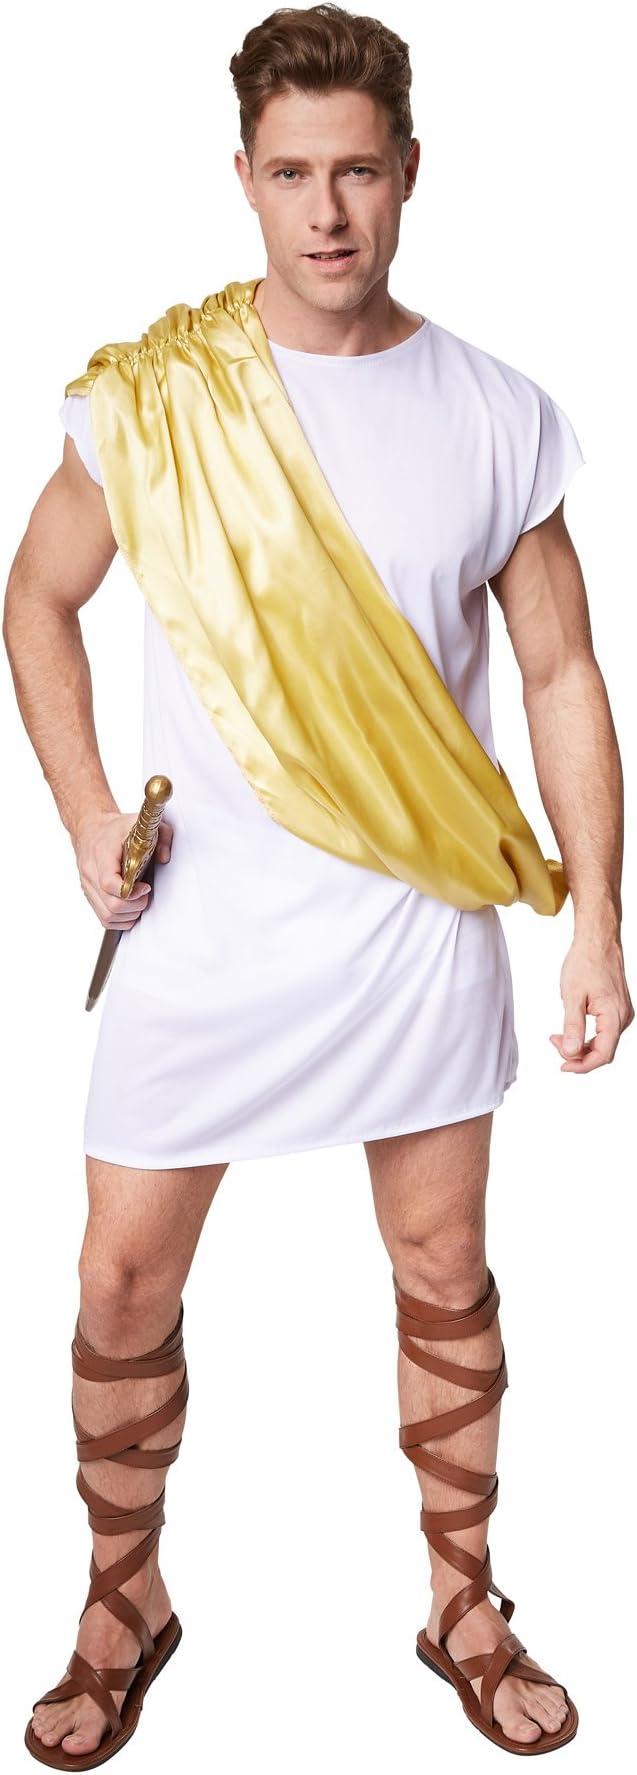 TecTake dressforfun Disfraz de Caballero de legionario Luchador ...